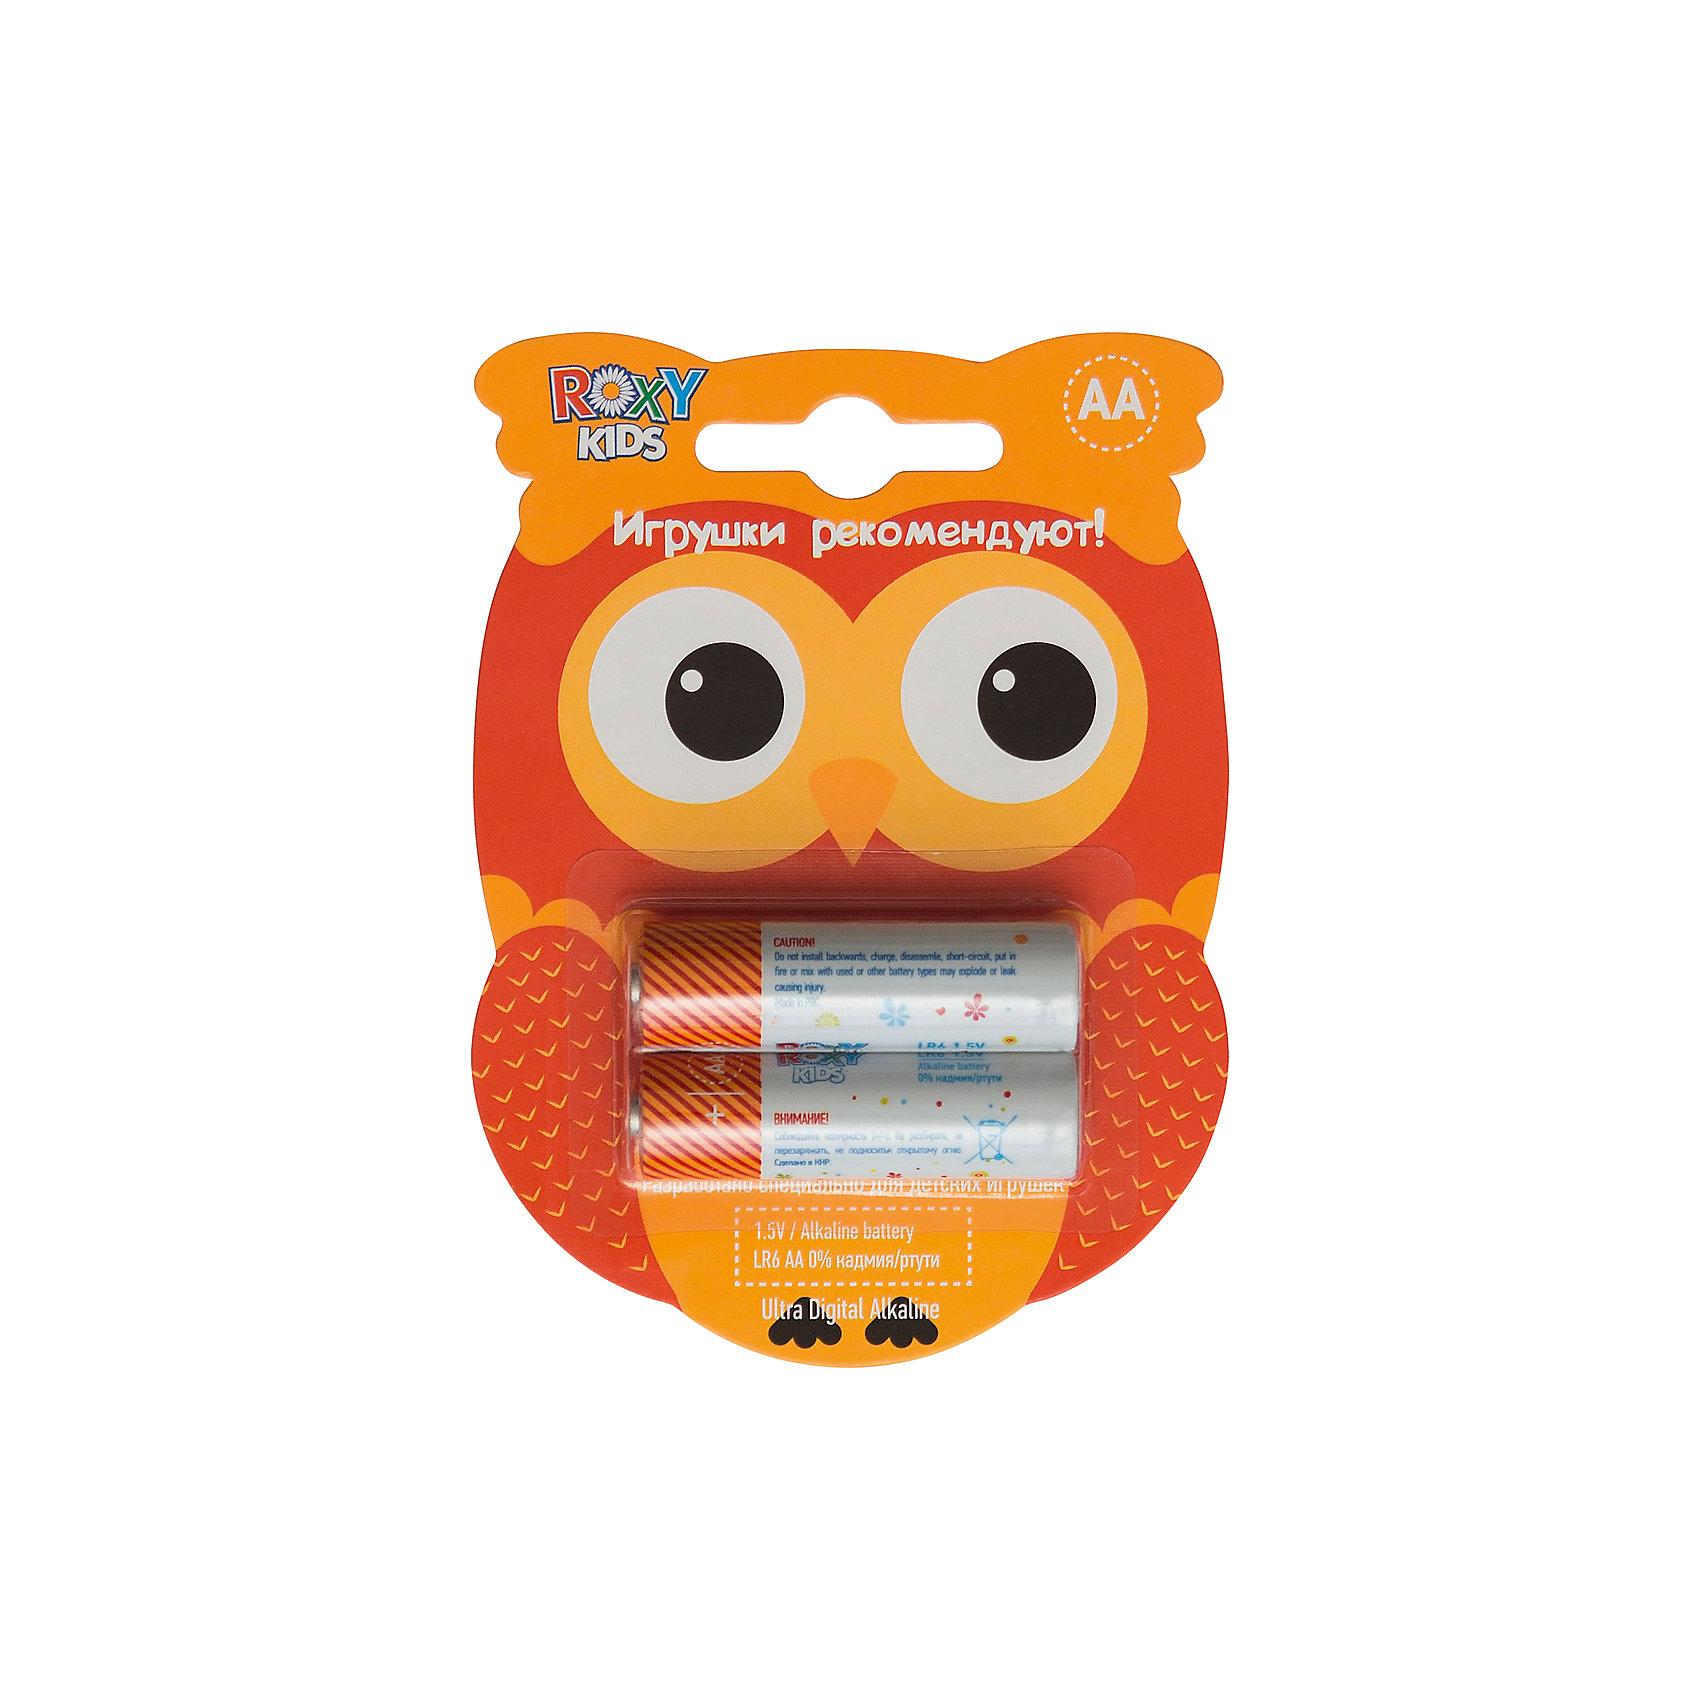 Roxy-Kids Батарейки для игрушек, тип АА, 2 шт., Roxy-kids roxy kids проектор звездного неба olly с игрушкой сова roxy kids